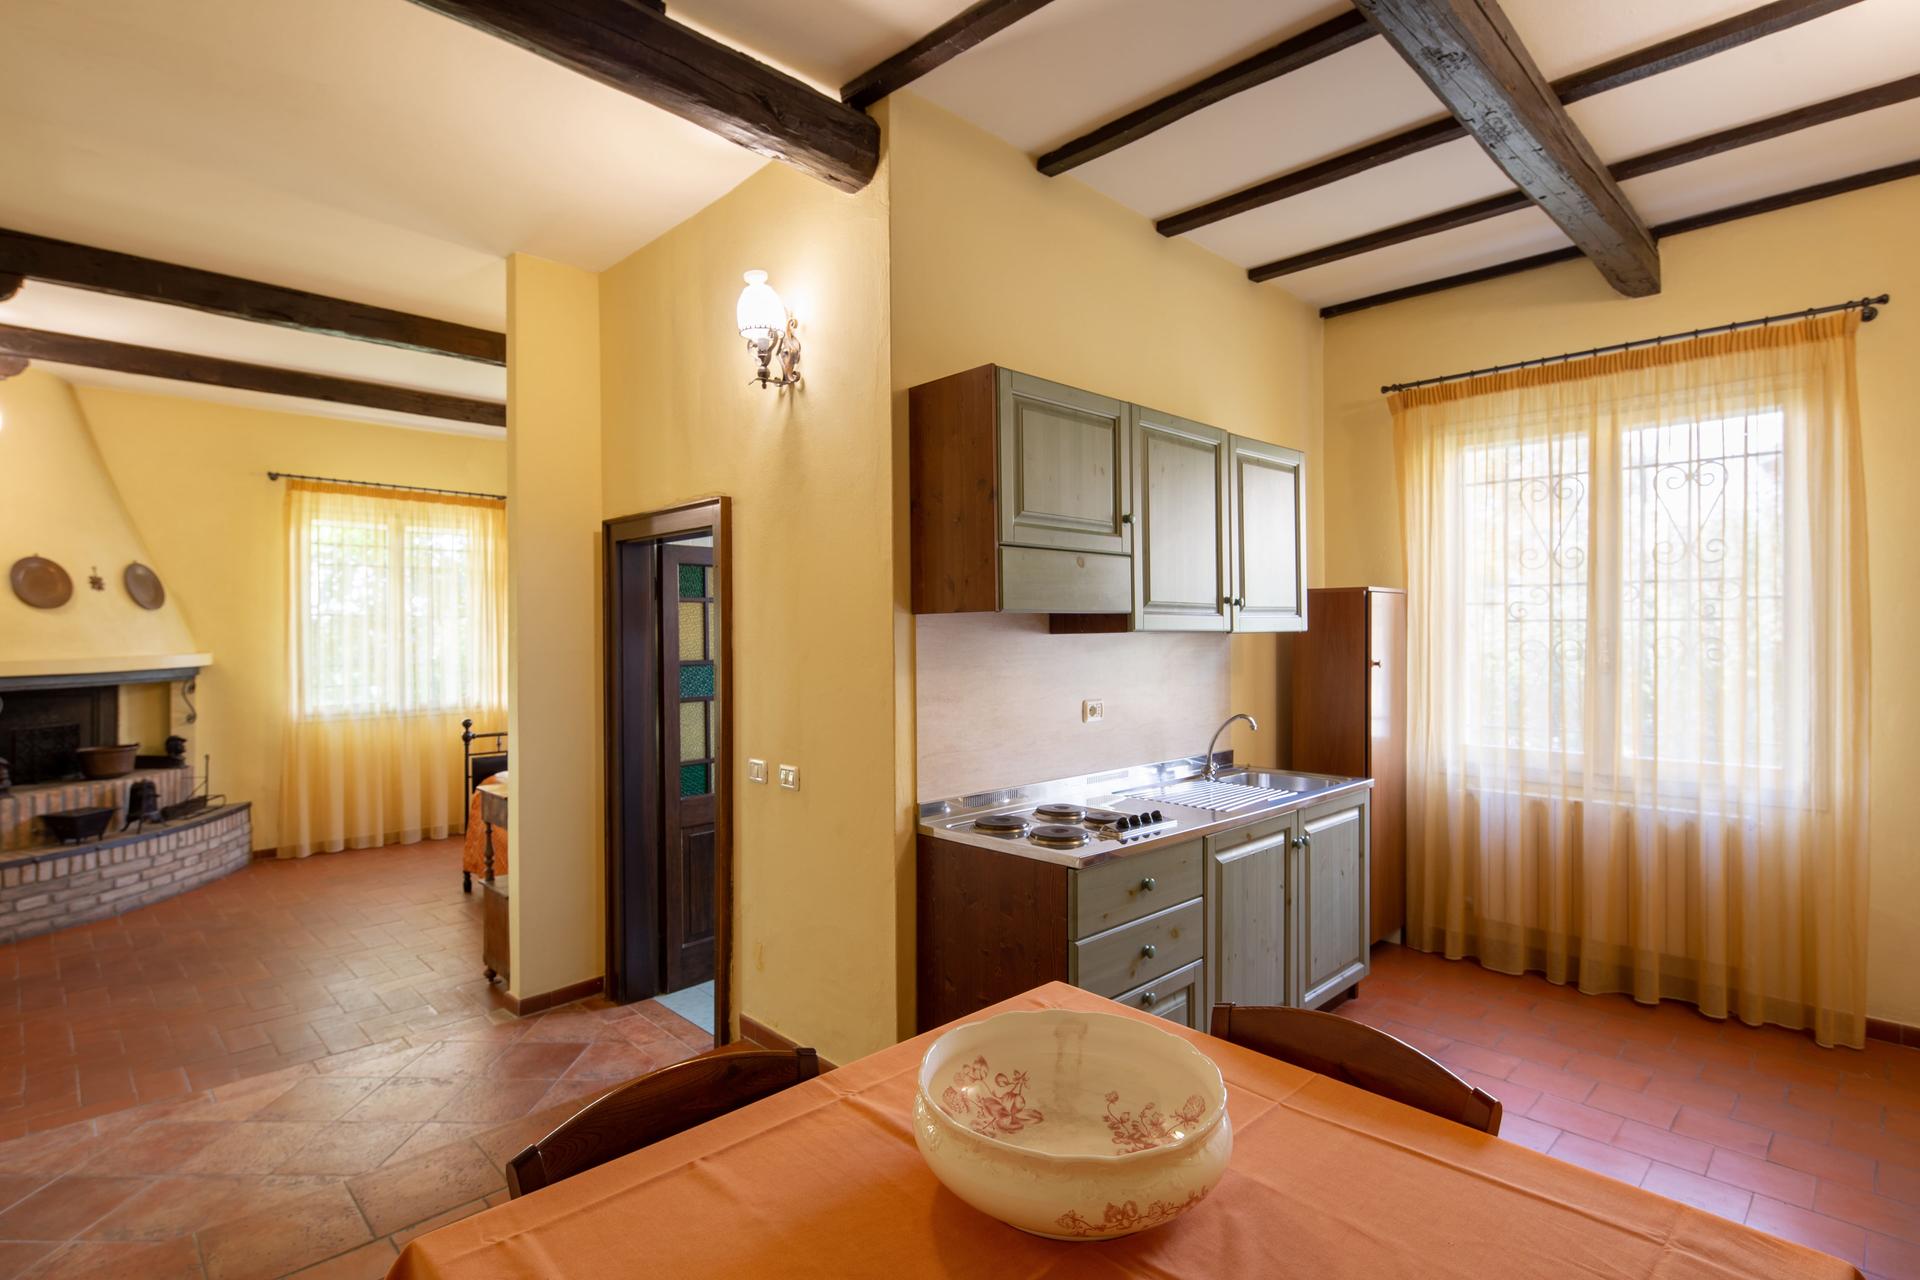 Agriturismo-La-Torretta-Appartamento-3-e-sala-08-min